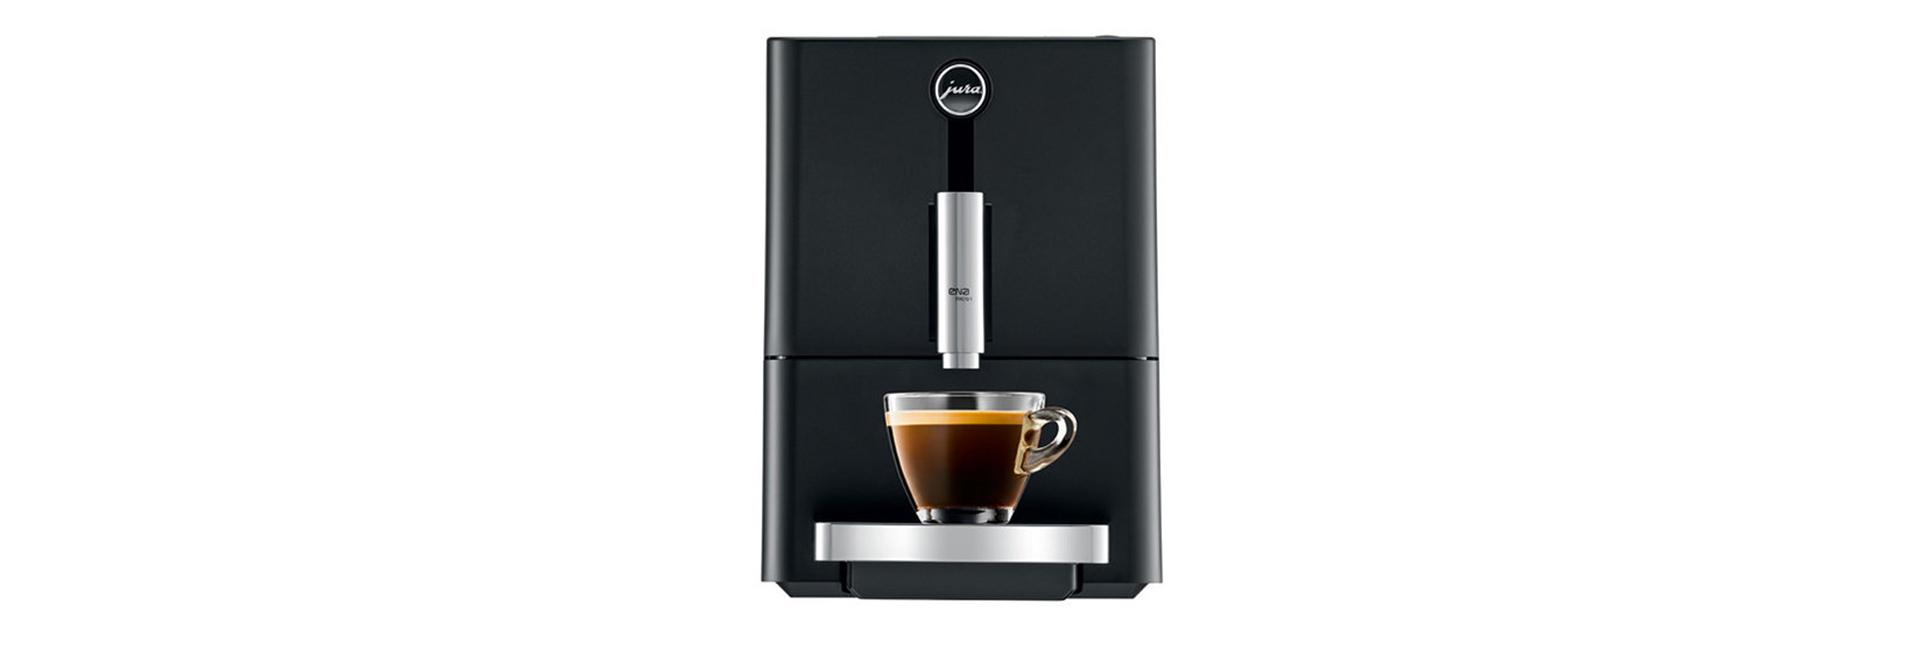 Как выбрать идеальную кофемашину в Москве? (фото 1)